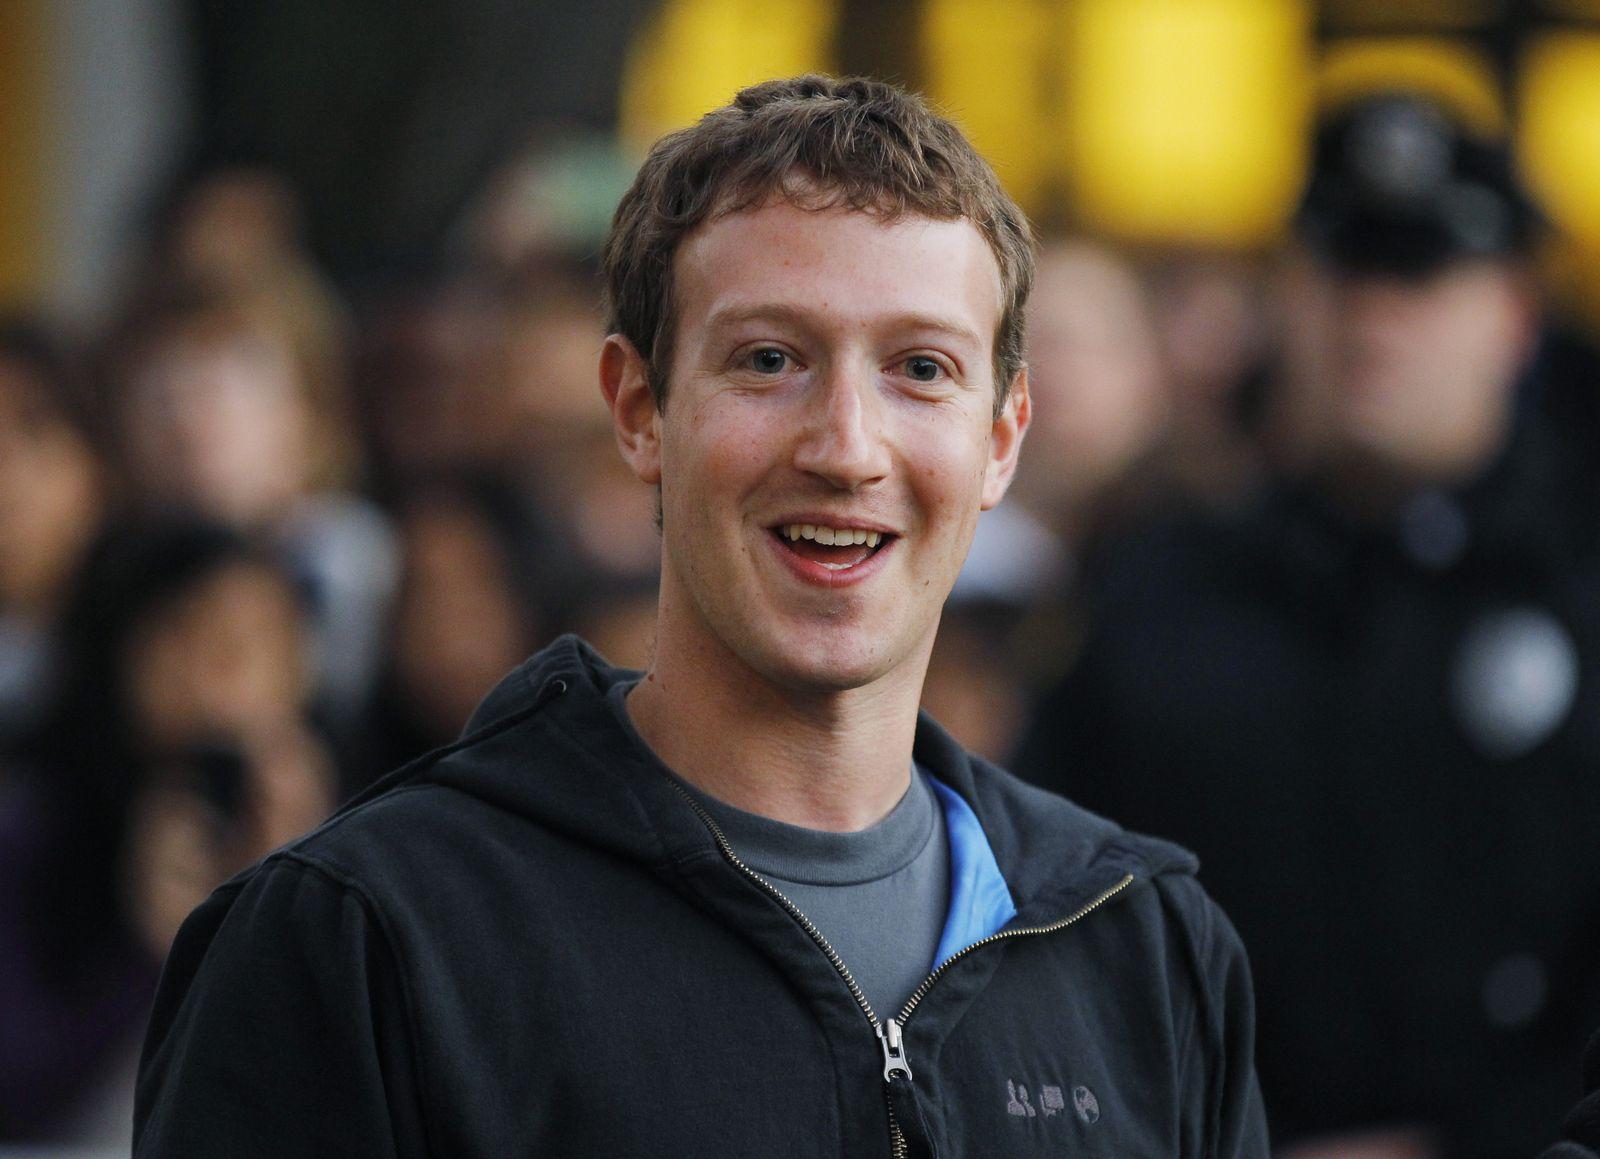 Mark Zuckerberg / Facebook